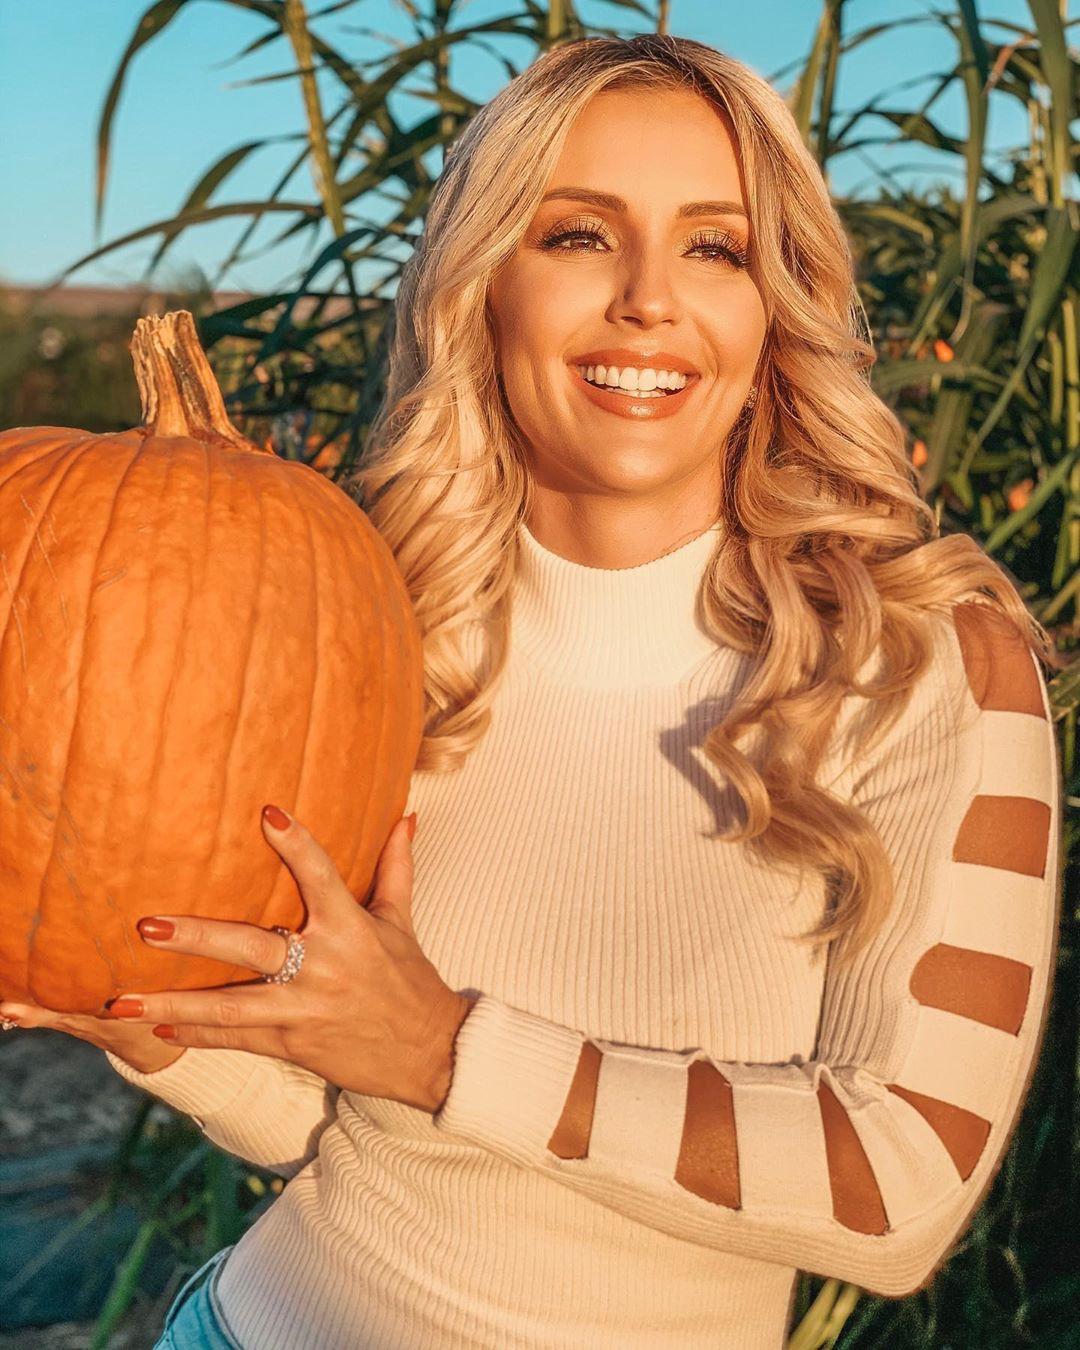 Amanda Paris Hot Pictures, Arianny Celeste, Las Vegas